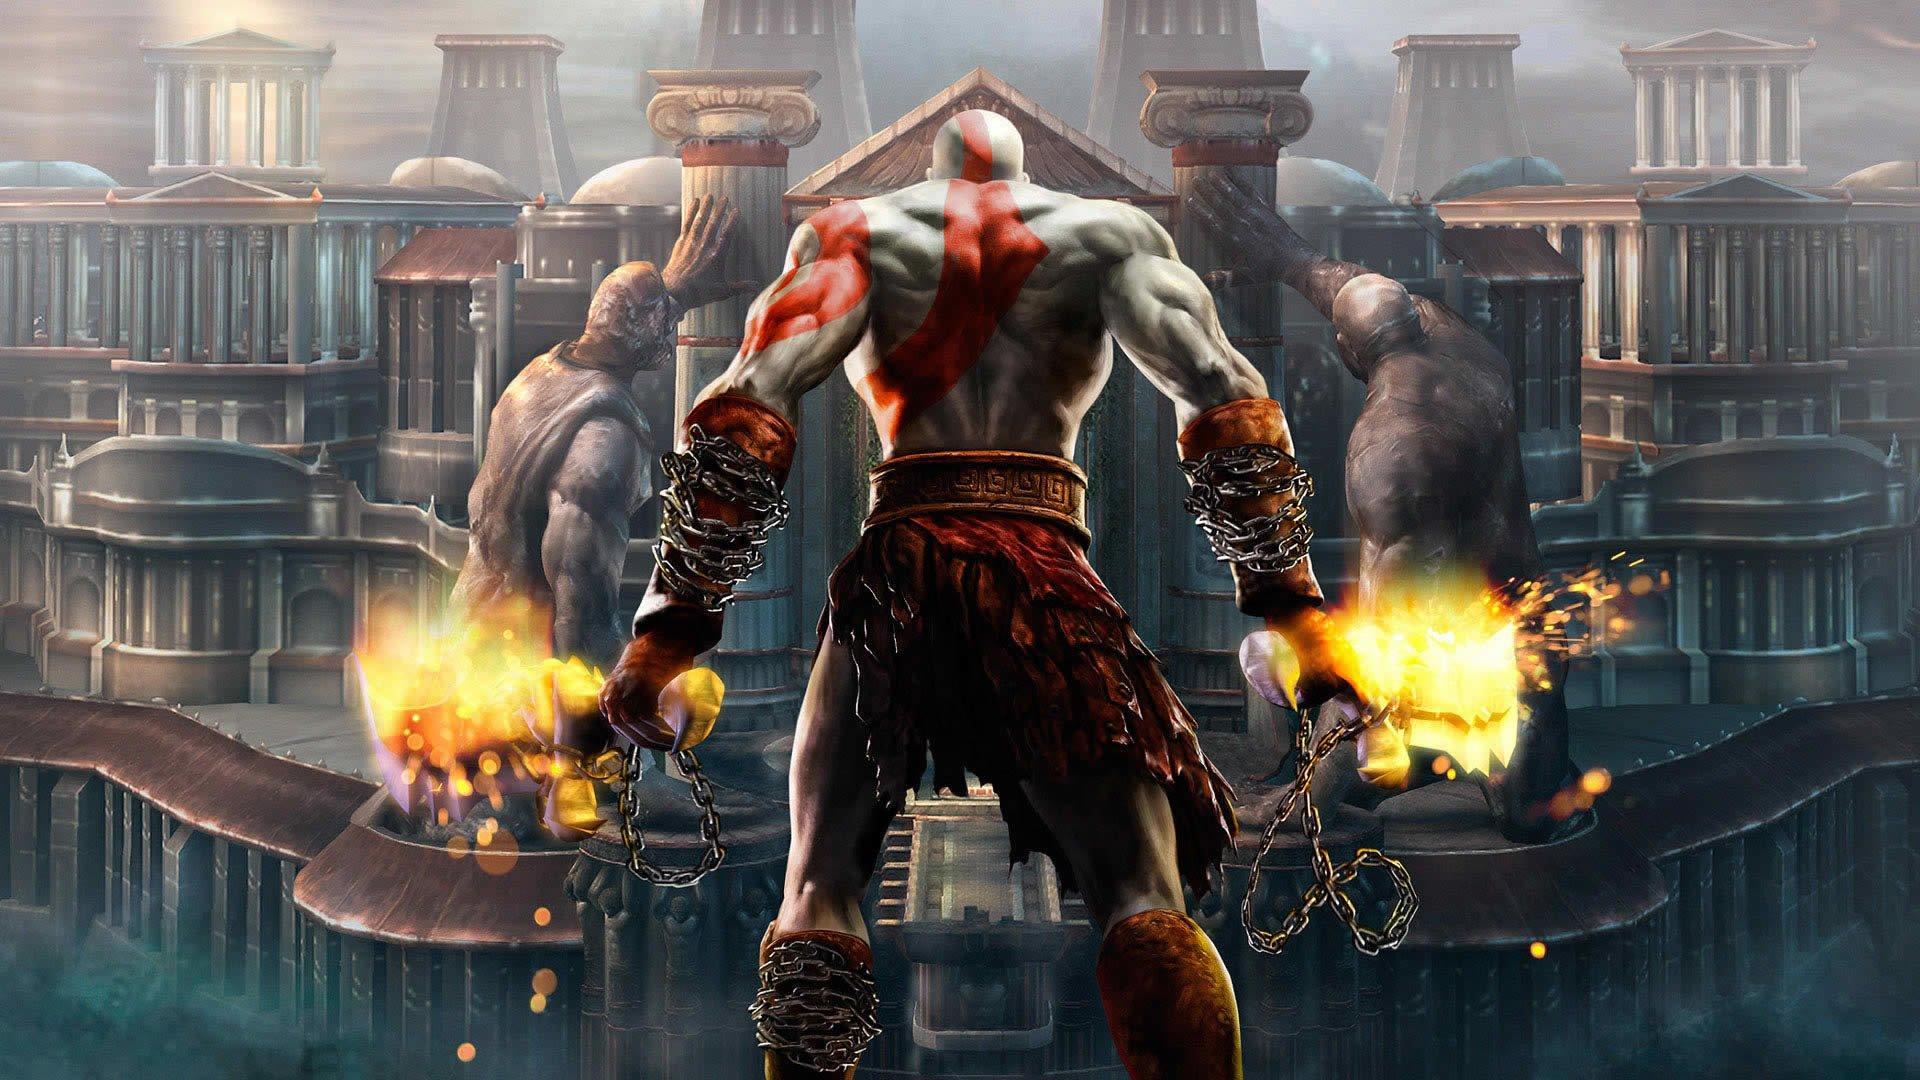 Kratos Wallpapers Top Free Kratos Backgrounds